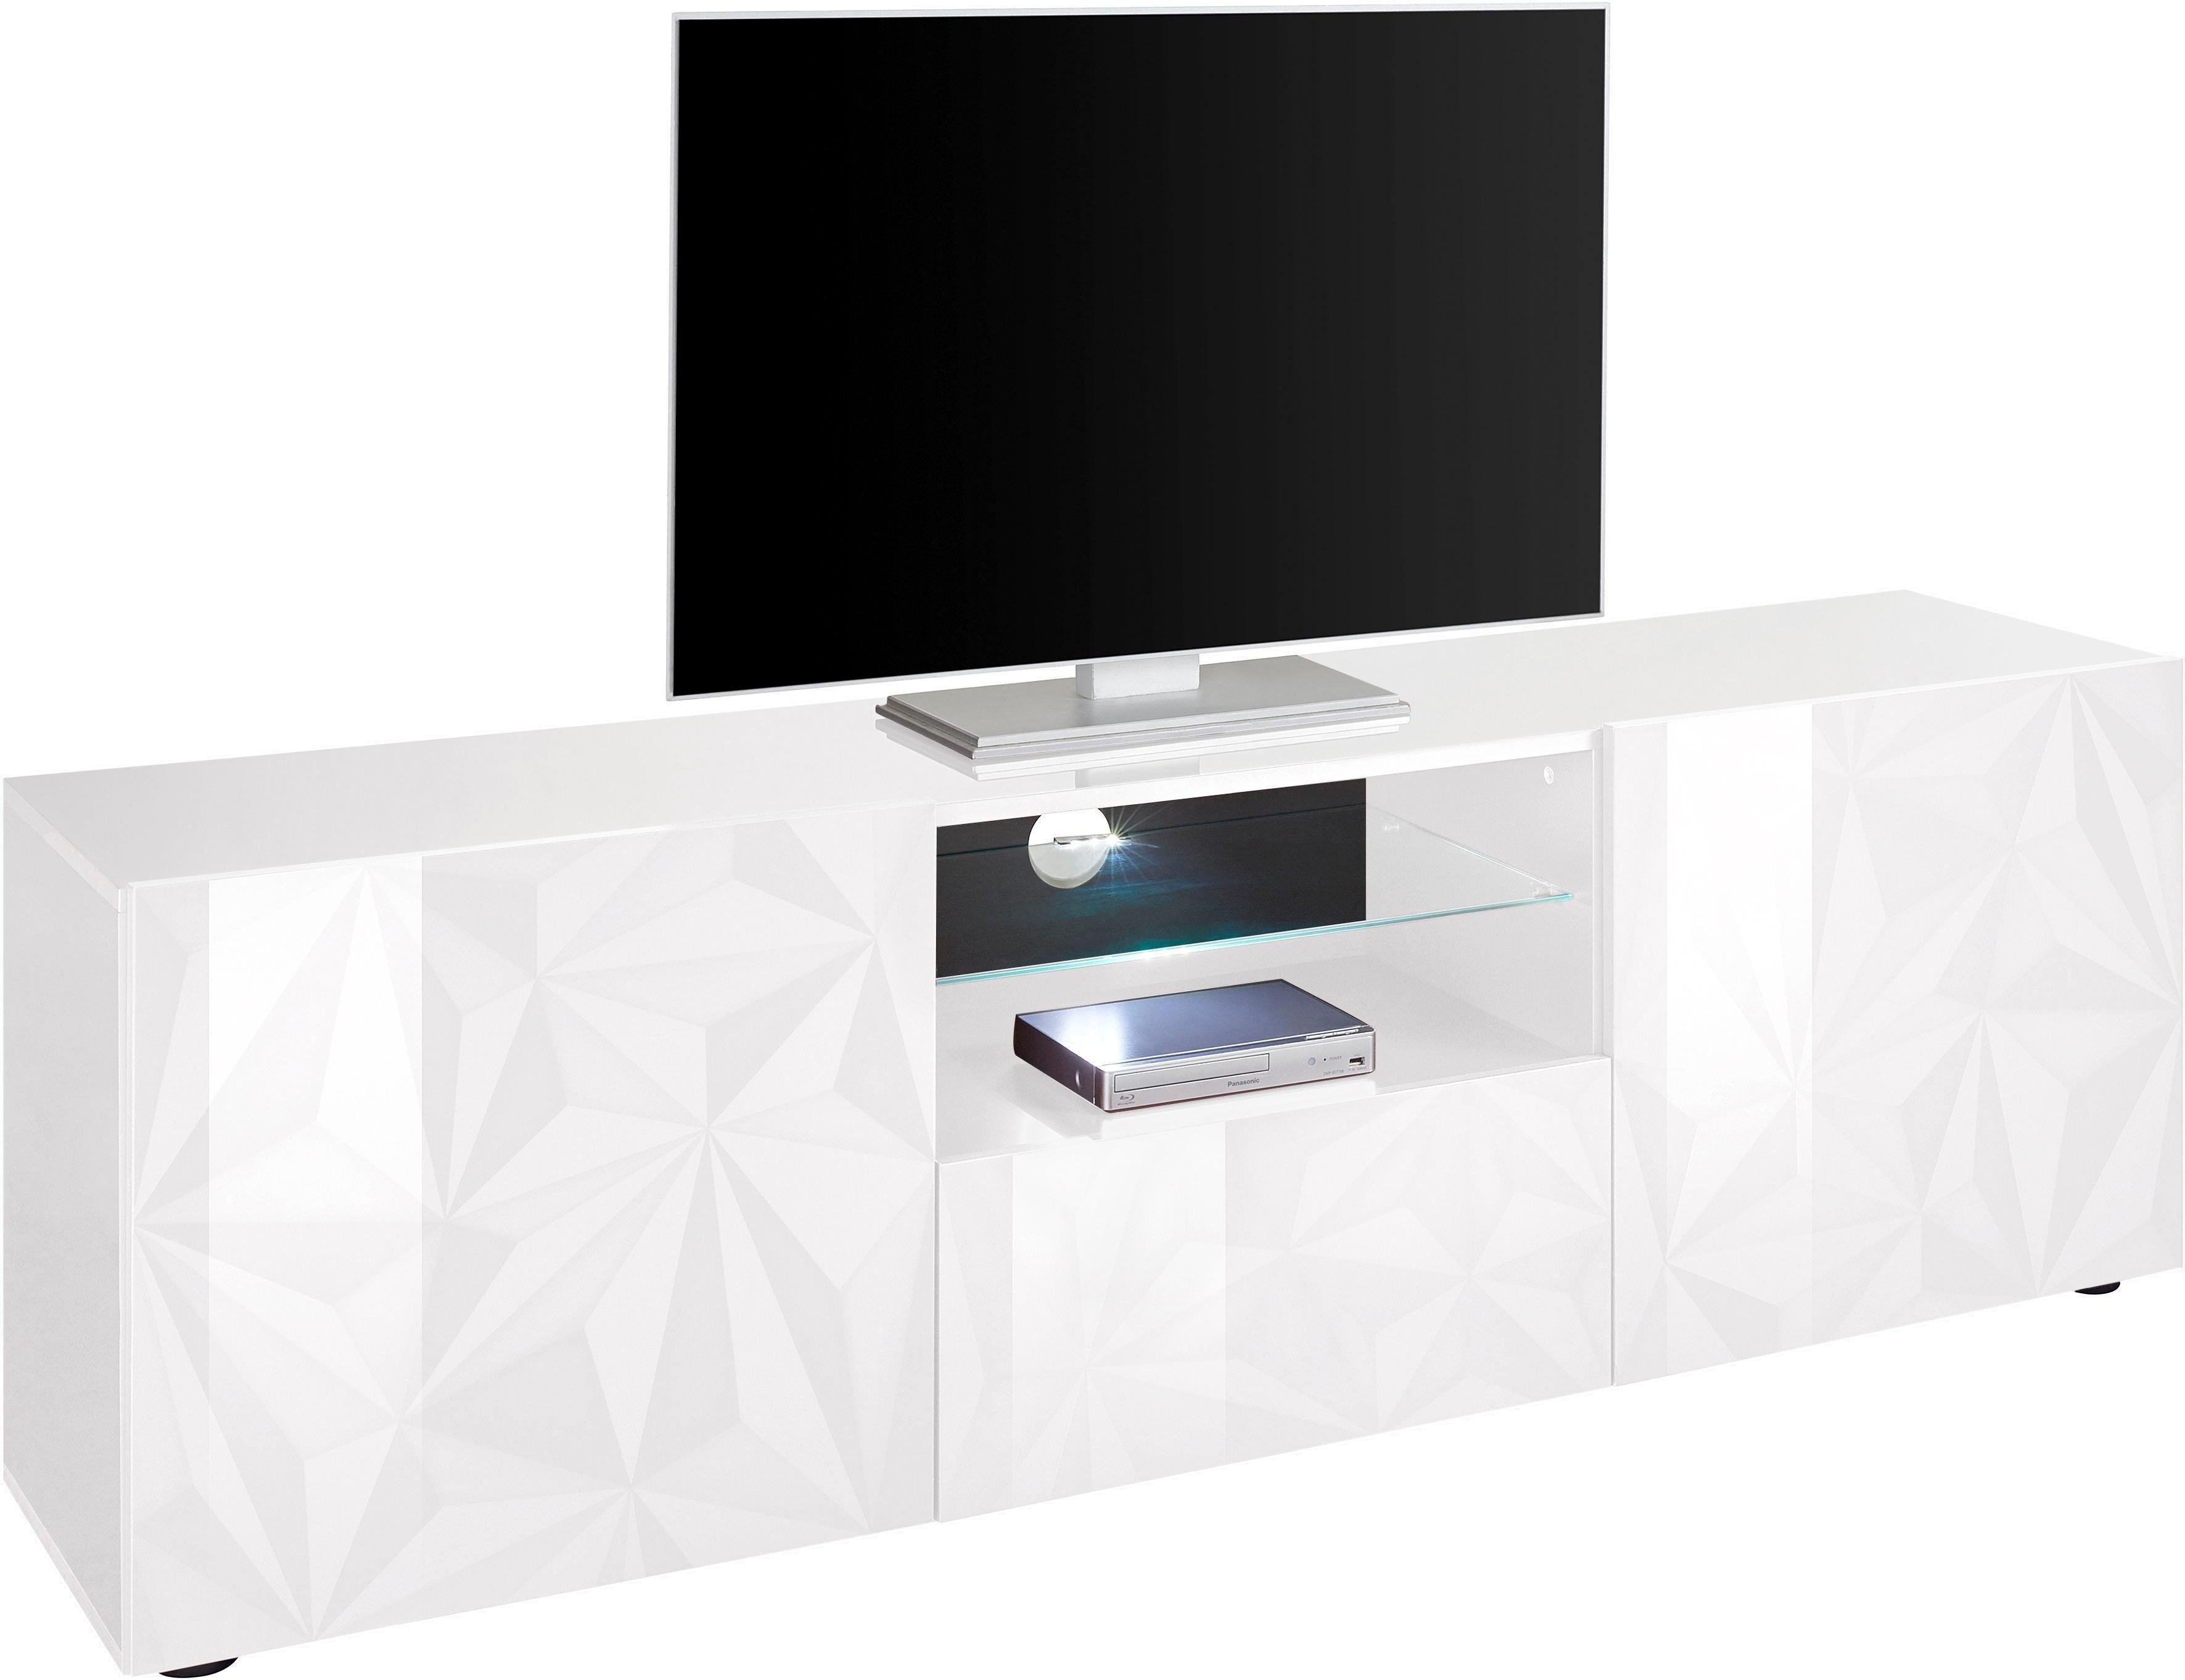 Lc tv-meubel »Prisma«, breedte 181 cm, 2-deurs voordelig en veilig online kopen